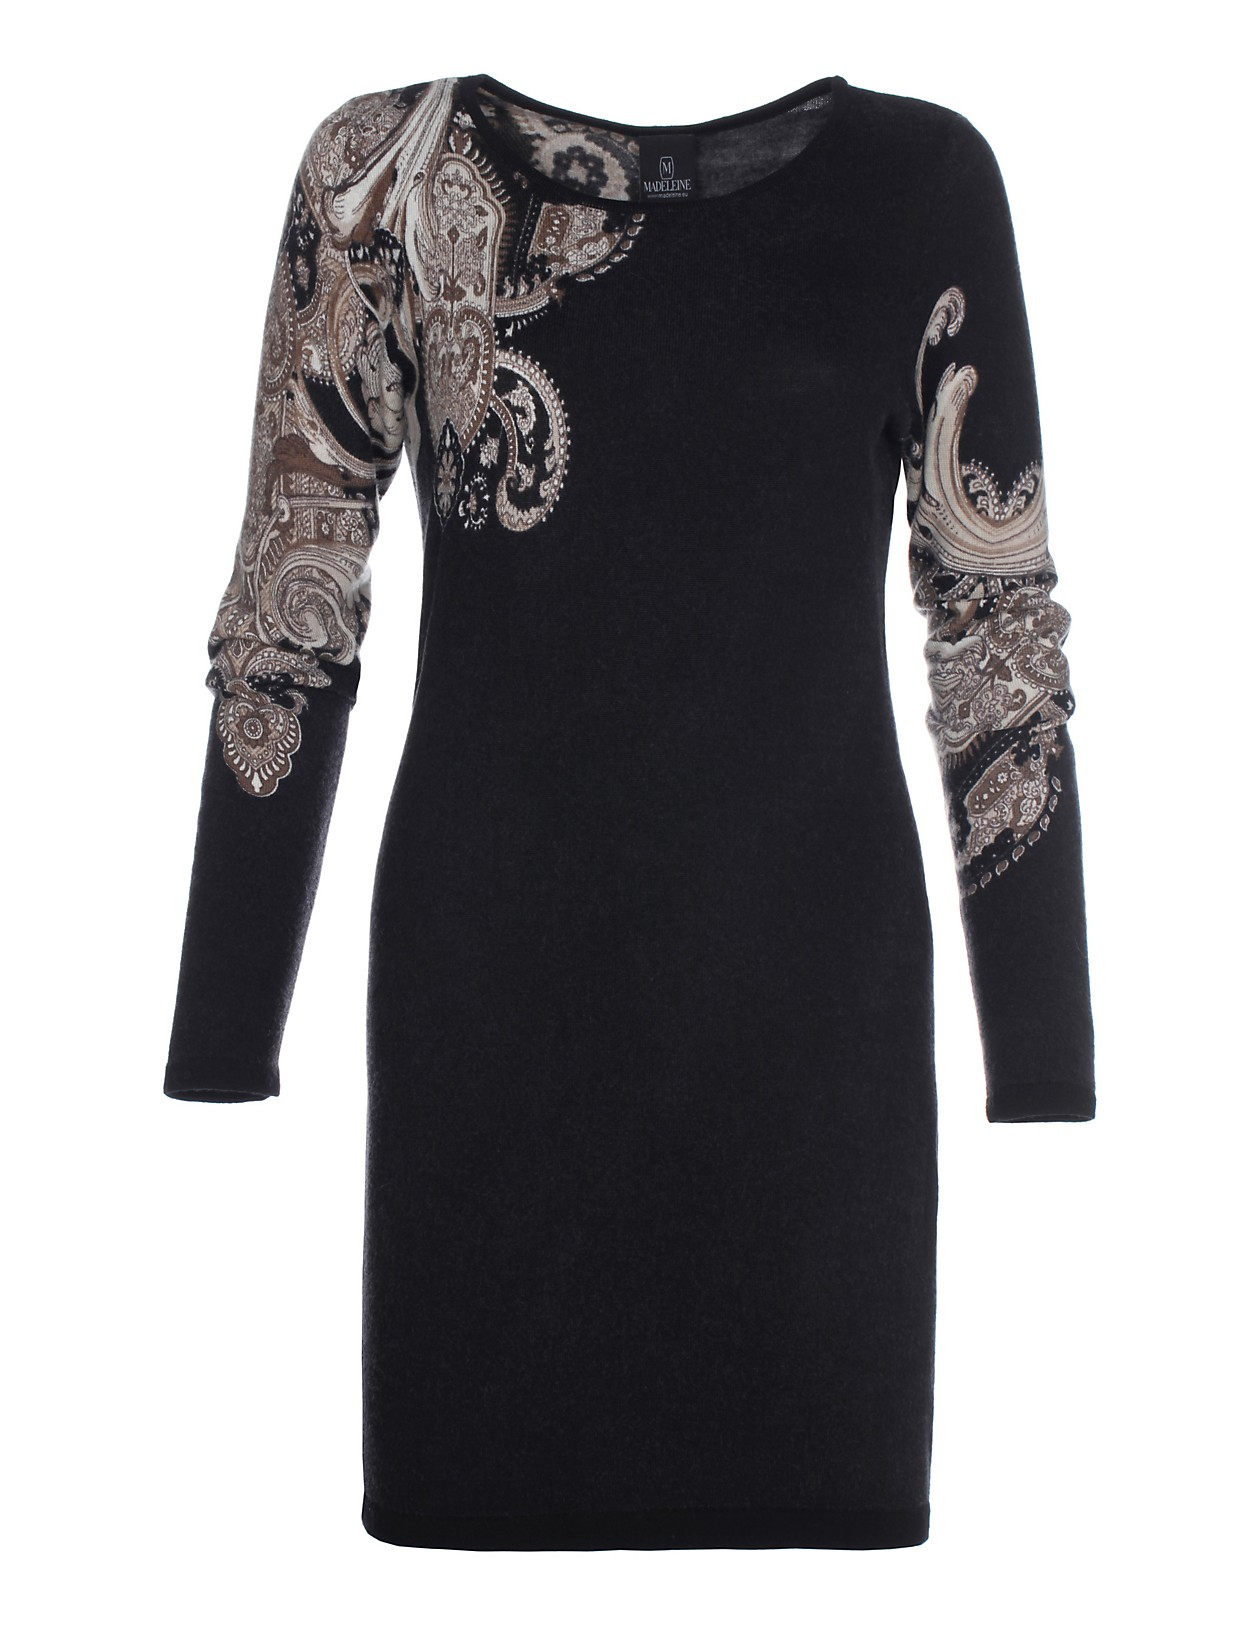 Bestbewertete Mode exquisites Design 50% Preis Longpullover mit Paisleymuster, schwarz/taupe, schwarz ...